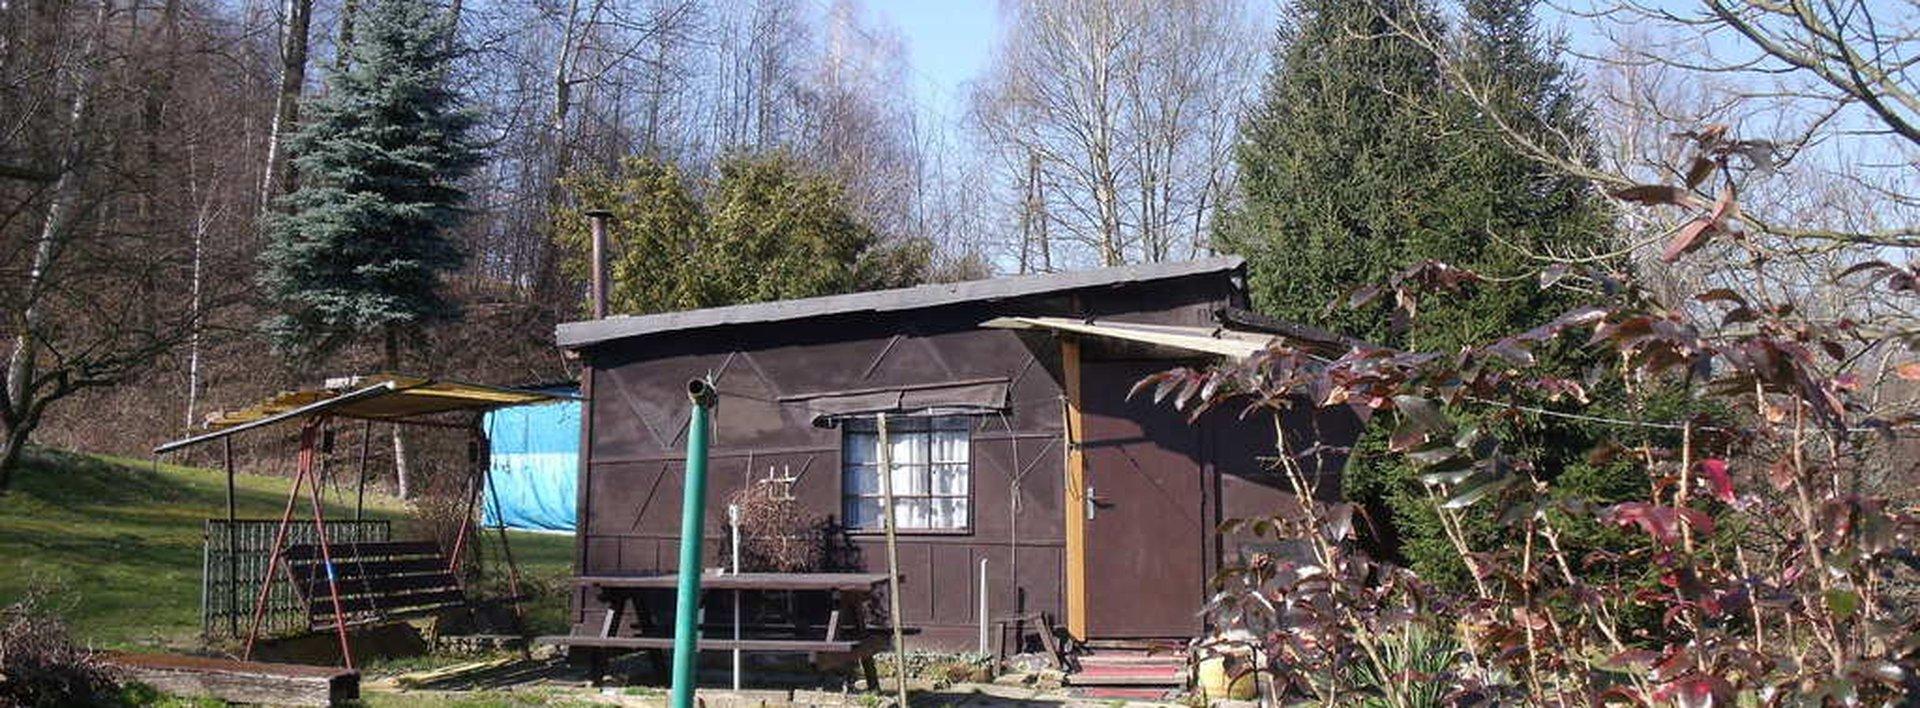 Prodej rekreační chaty s větším pozemkem v Hrádku n. N. - Donín, Ev.č.: N46949